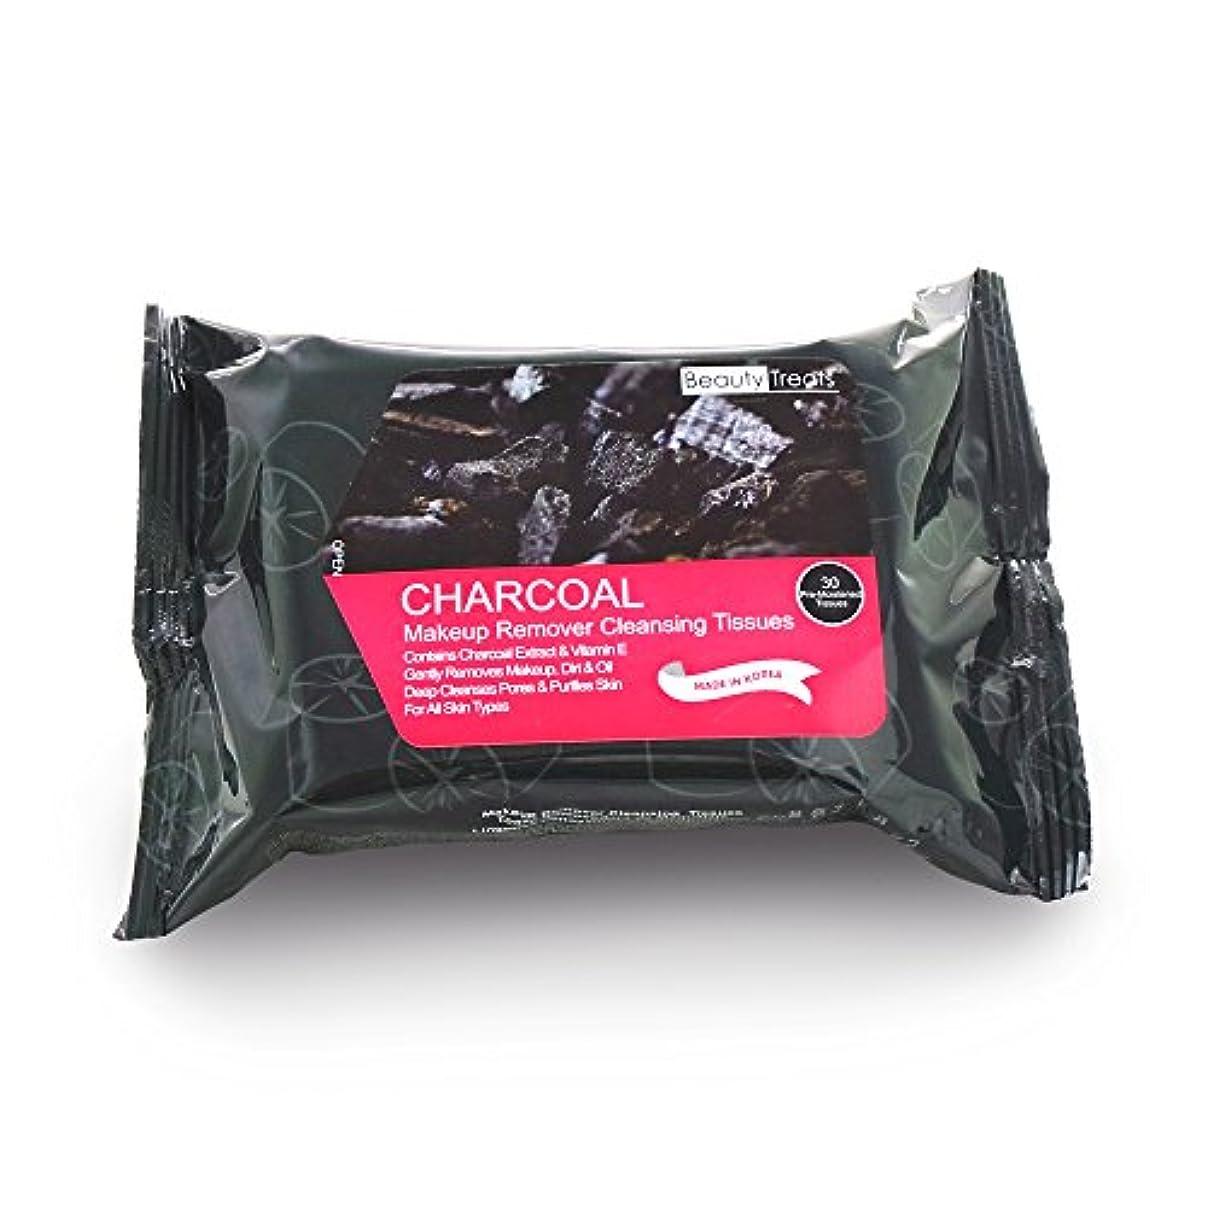 定義する速度パキスタン人(3 Pack) BEAUTY TREATS Charcoal Makeup Remover Cleaning Tissues (並行輸入品)